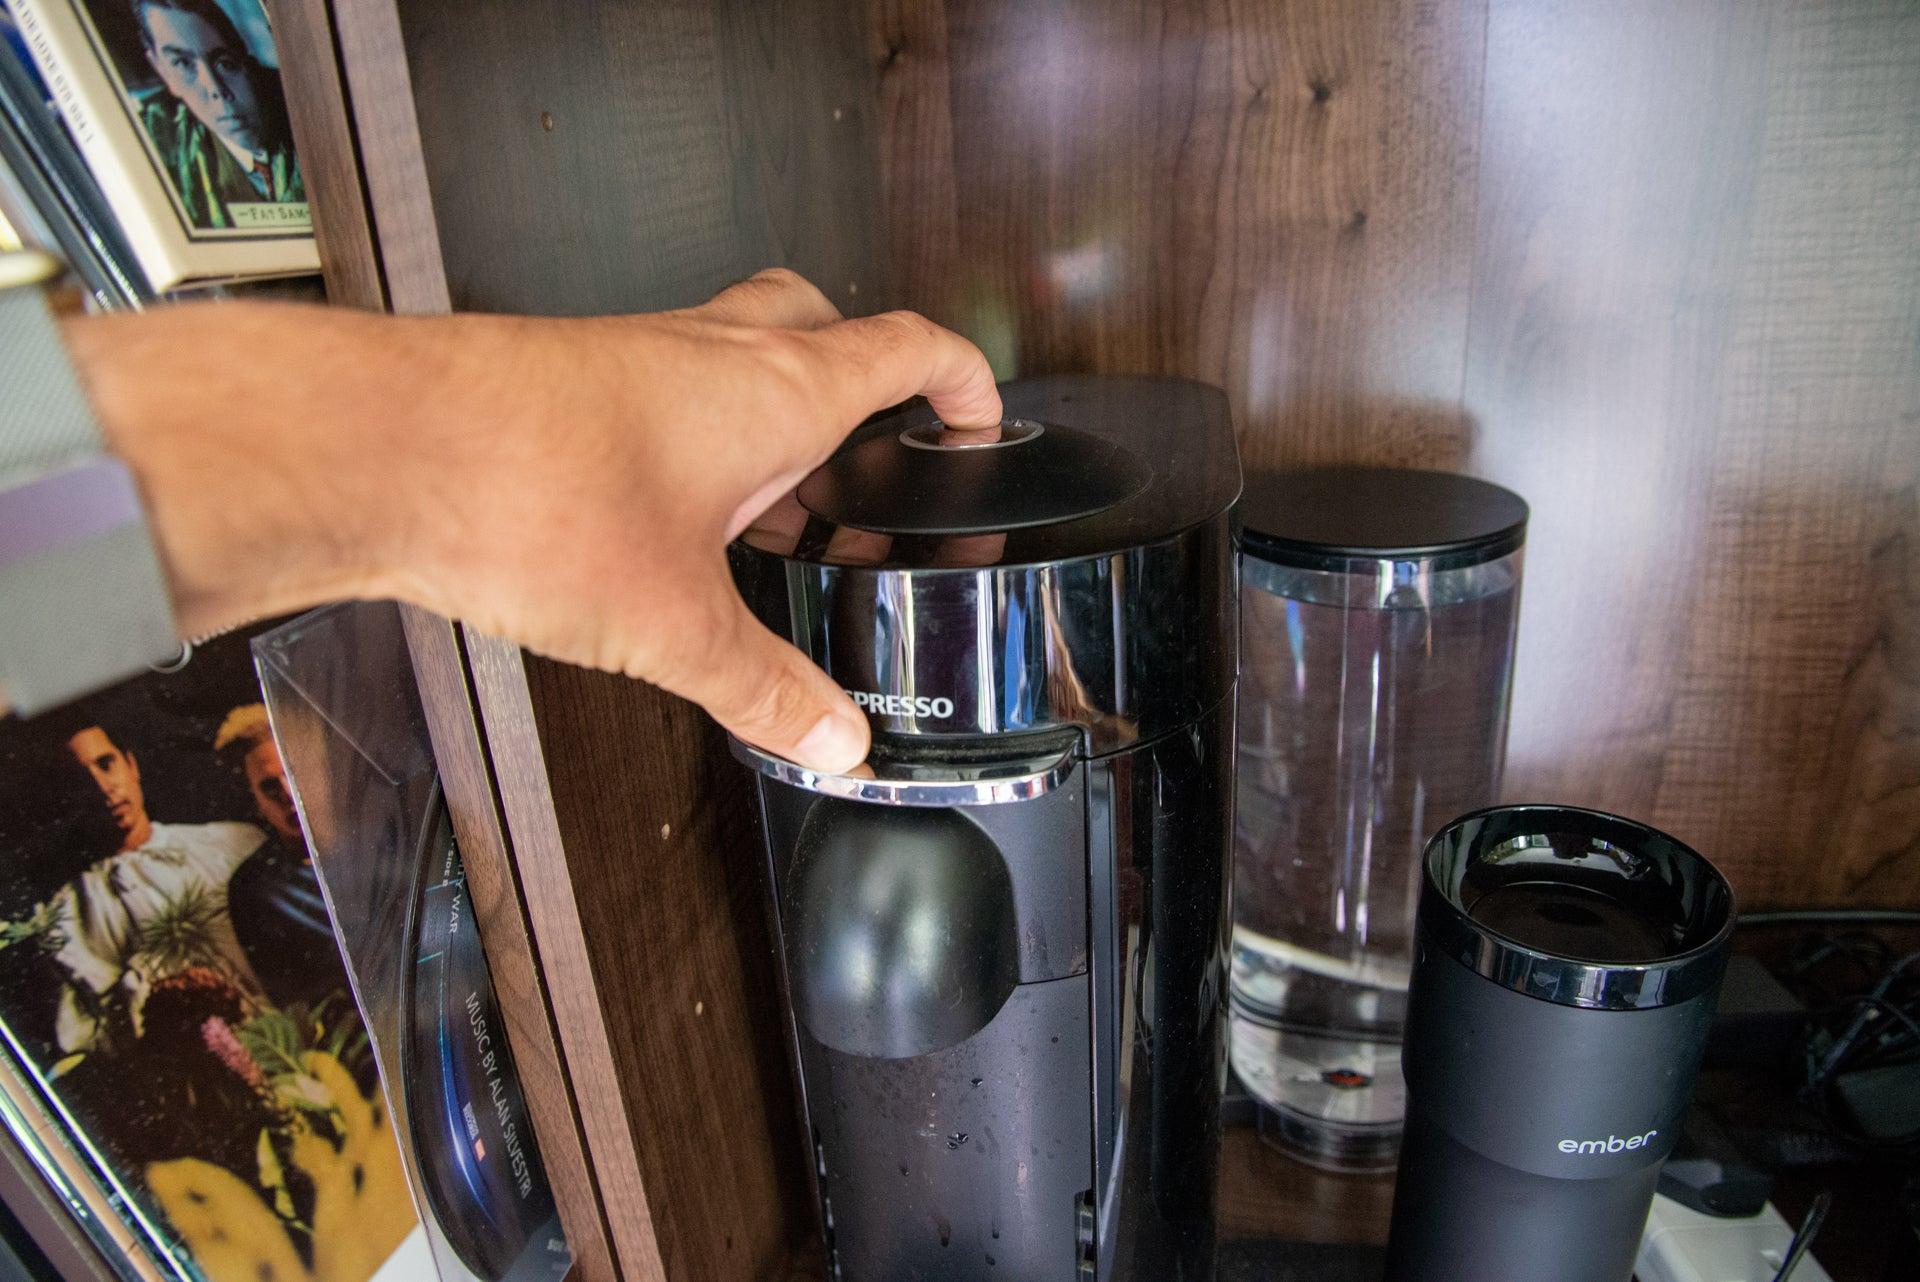 Nespresso exit descaling mode